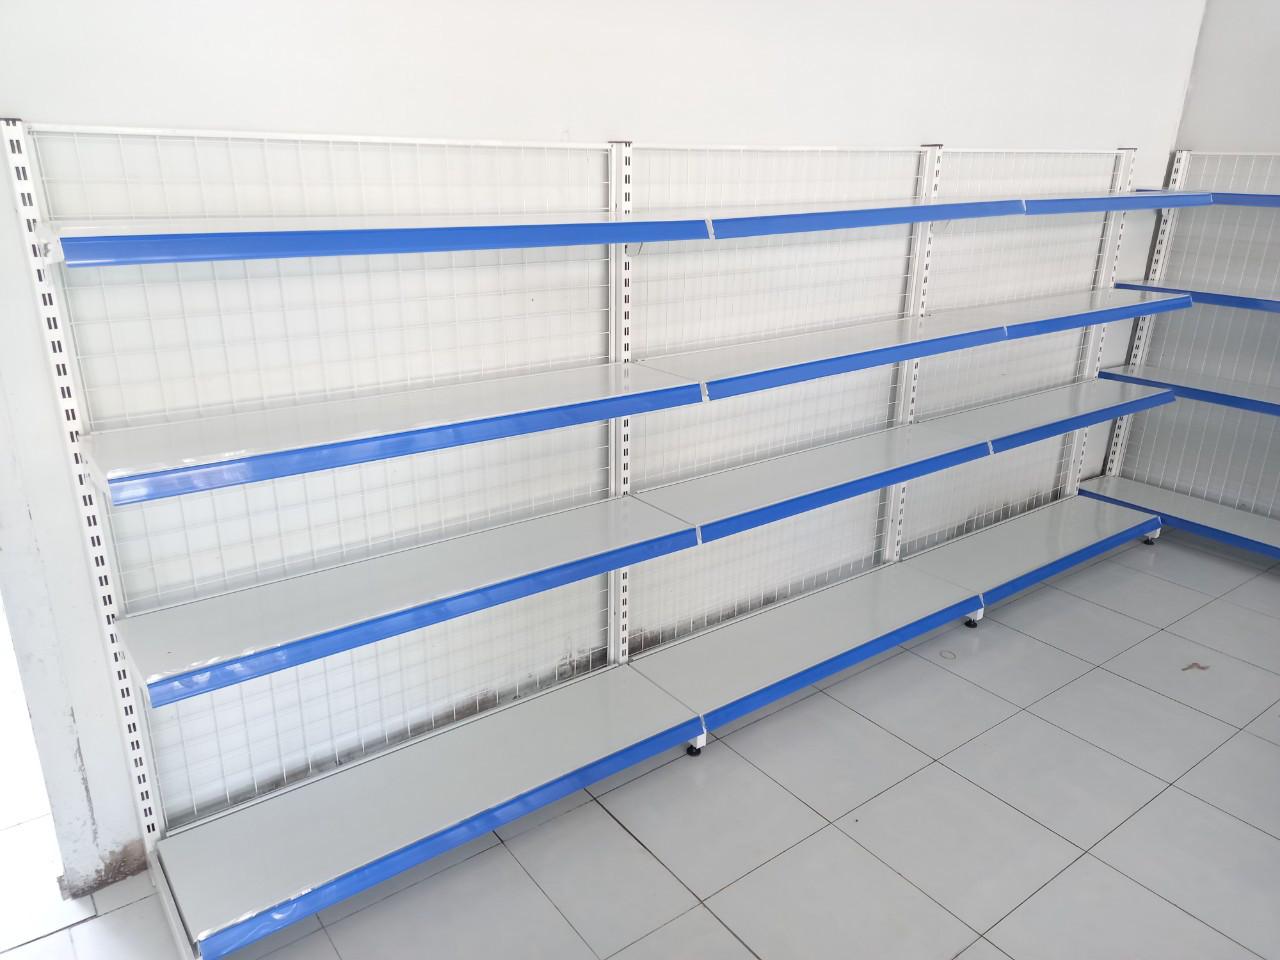 Bảng báo giá kệ siêu thị 4 tầng mới